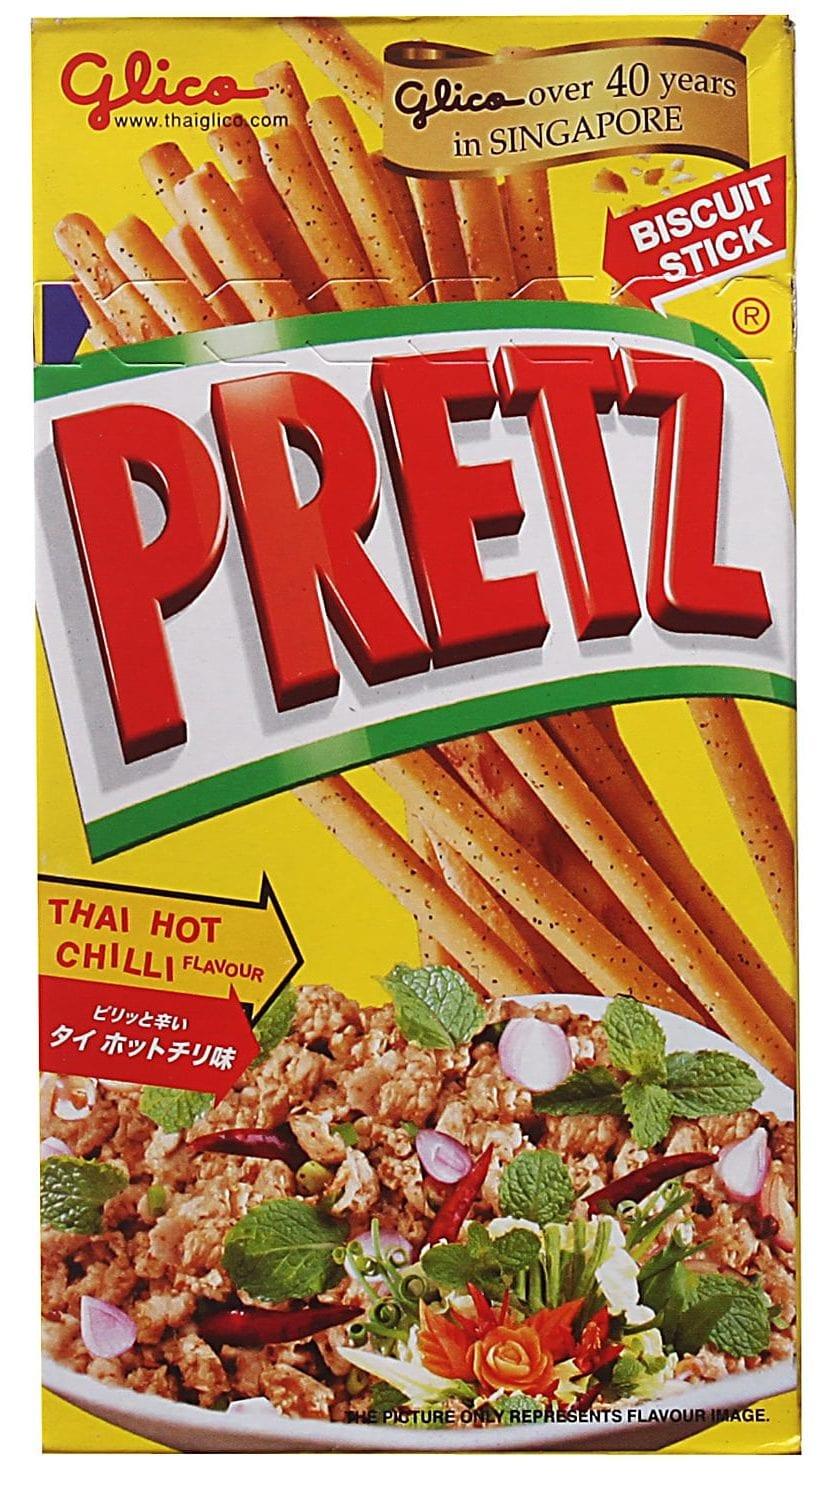 Pretz biscuit sticks